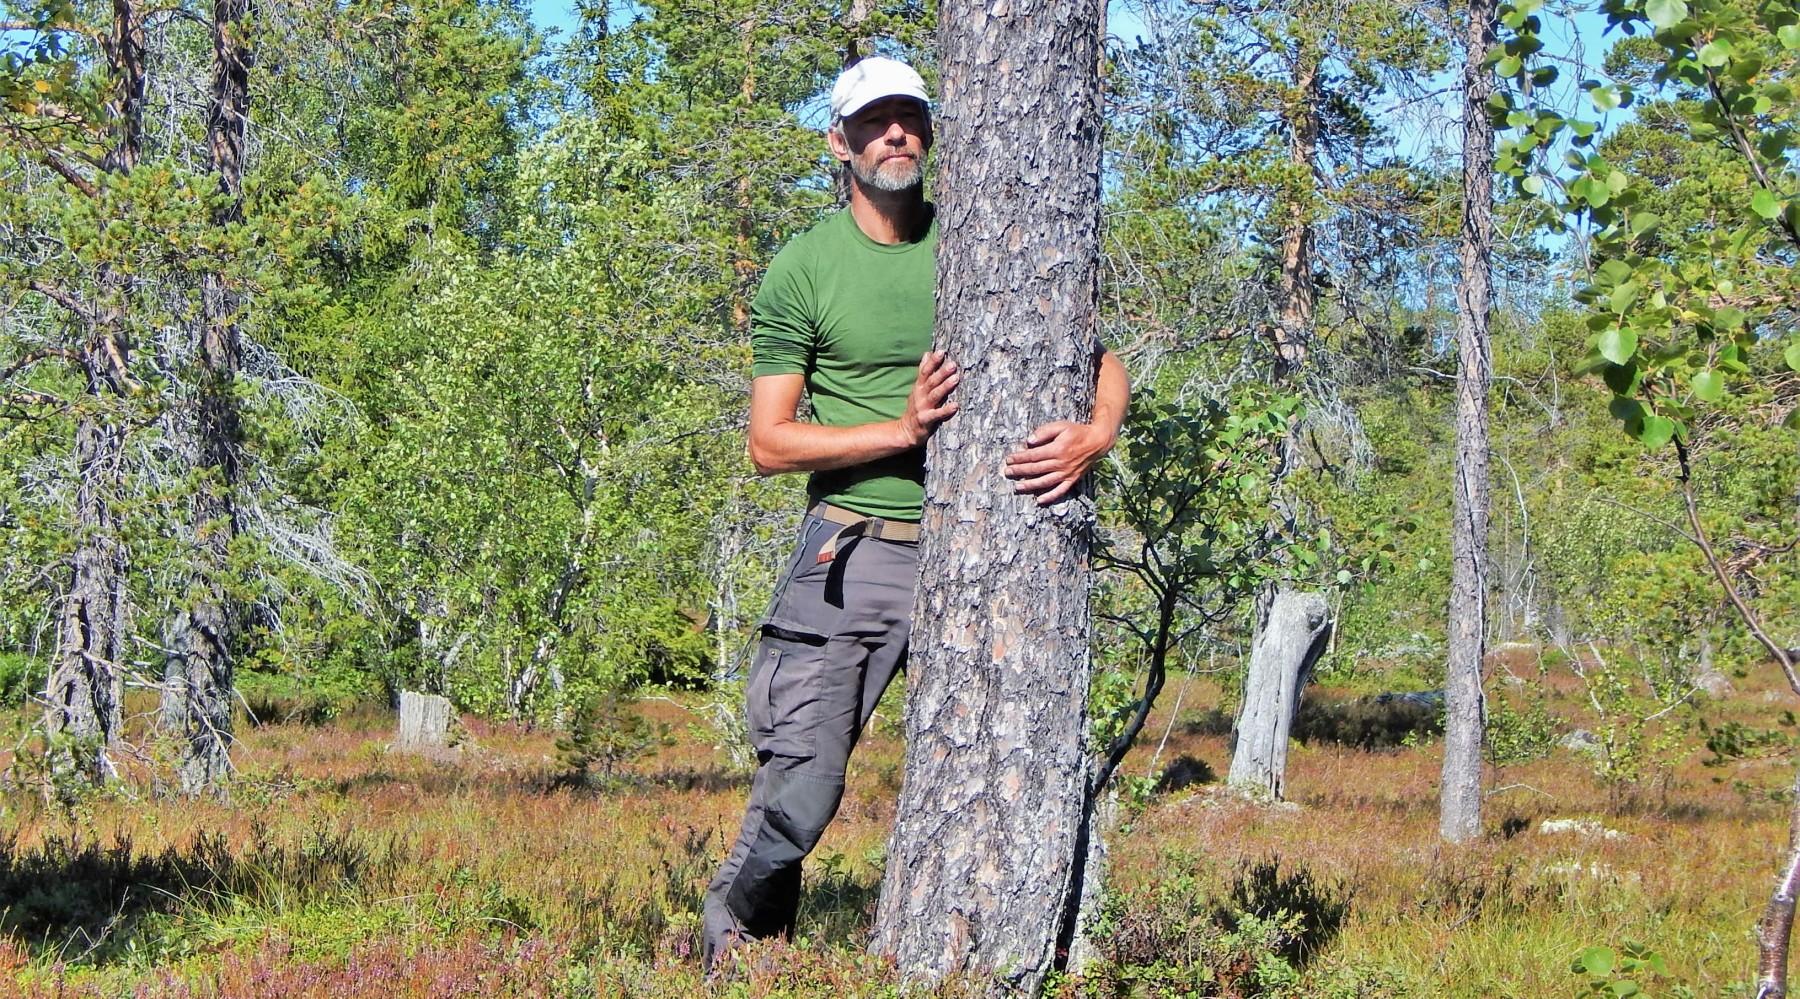 Thoralf Rumswinkel - Wildnis Guide, Outdoortrainer, Naturmentor (Bild)